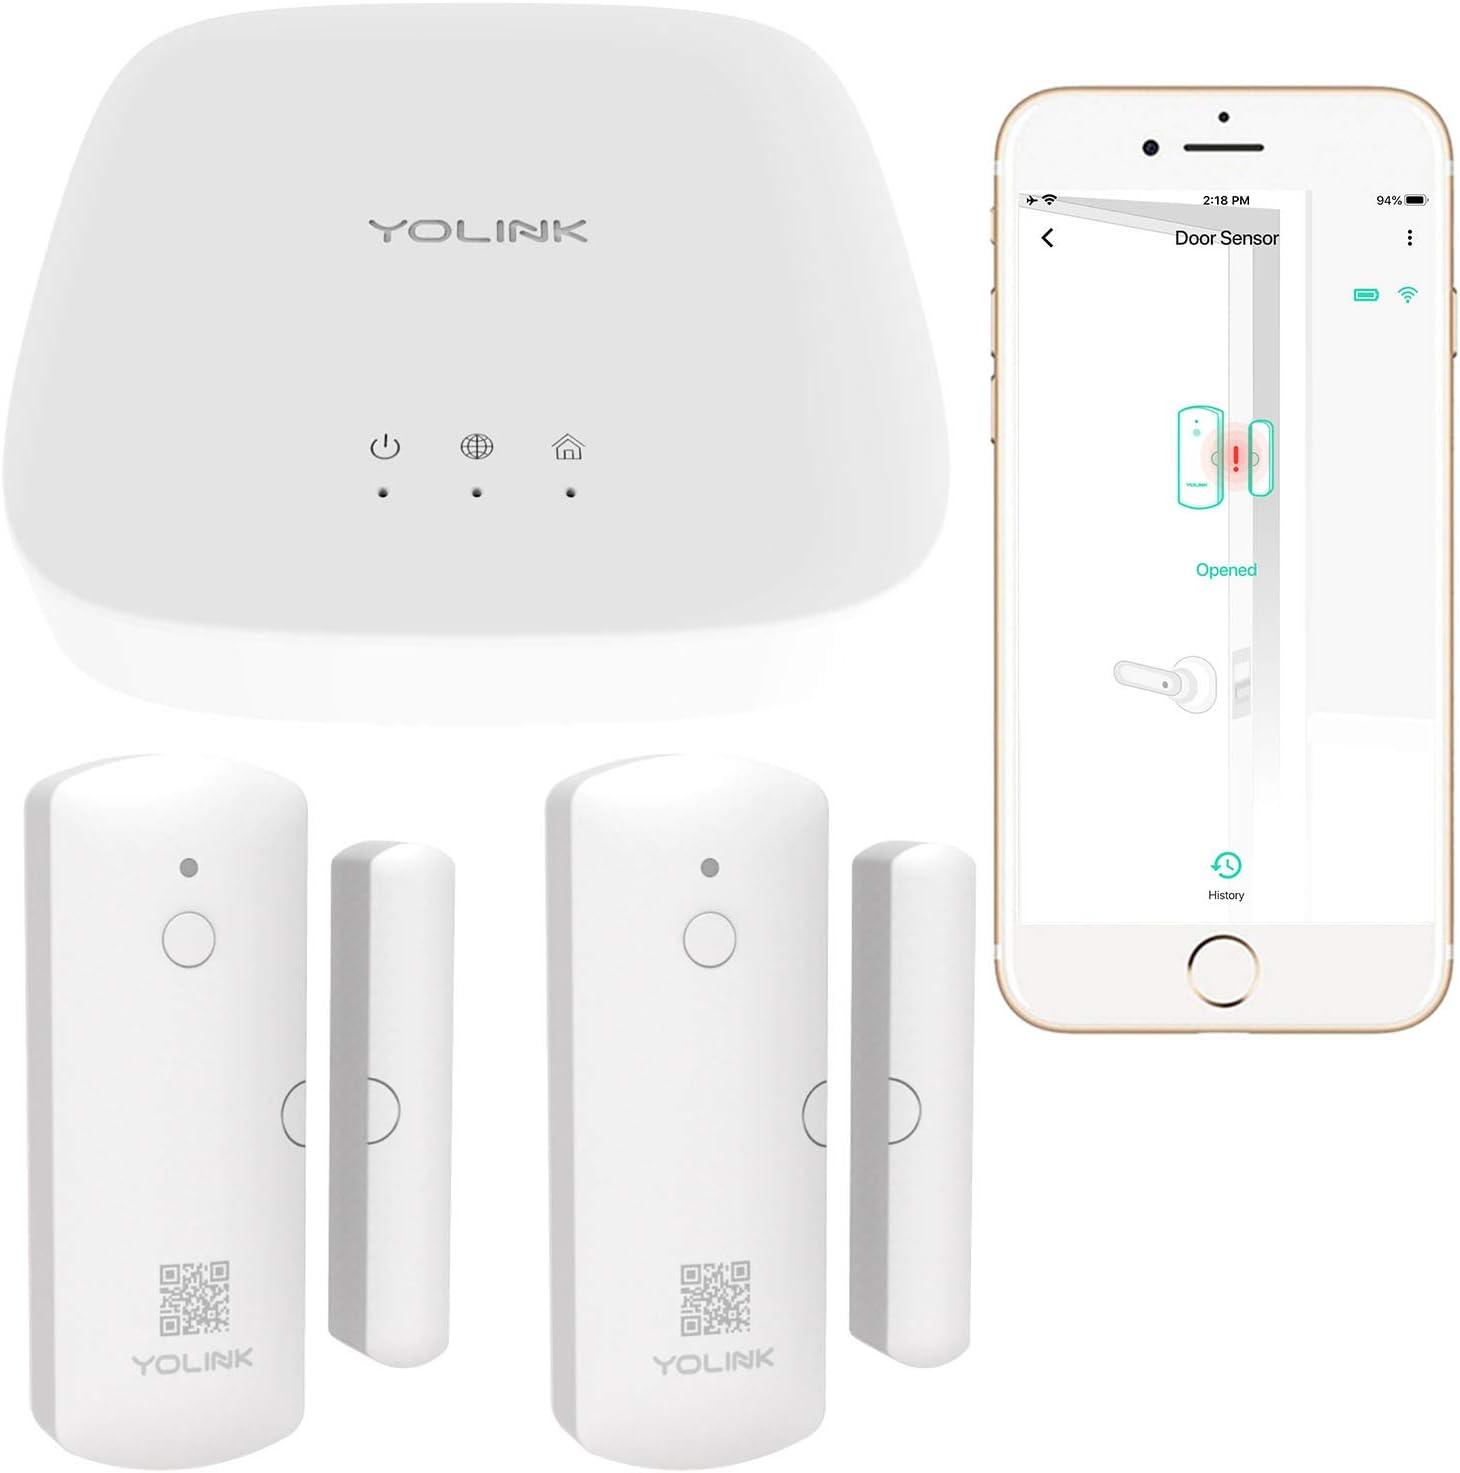 Smart Door Sensors, 1/4 Mile World's Longest Range Wireless Window Door Sensor Work with Alexa Google Assistant IFTTT, APP Alerts Open Reminder Smart Home Security Kit, 2 Pack, YoLink Hub Included